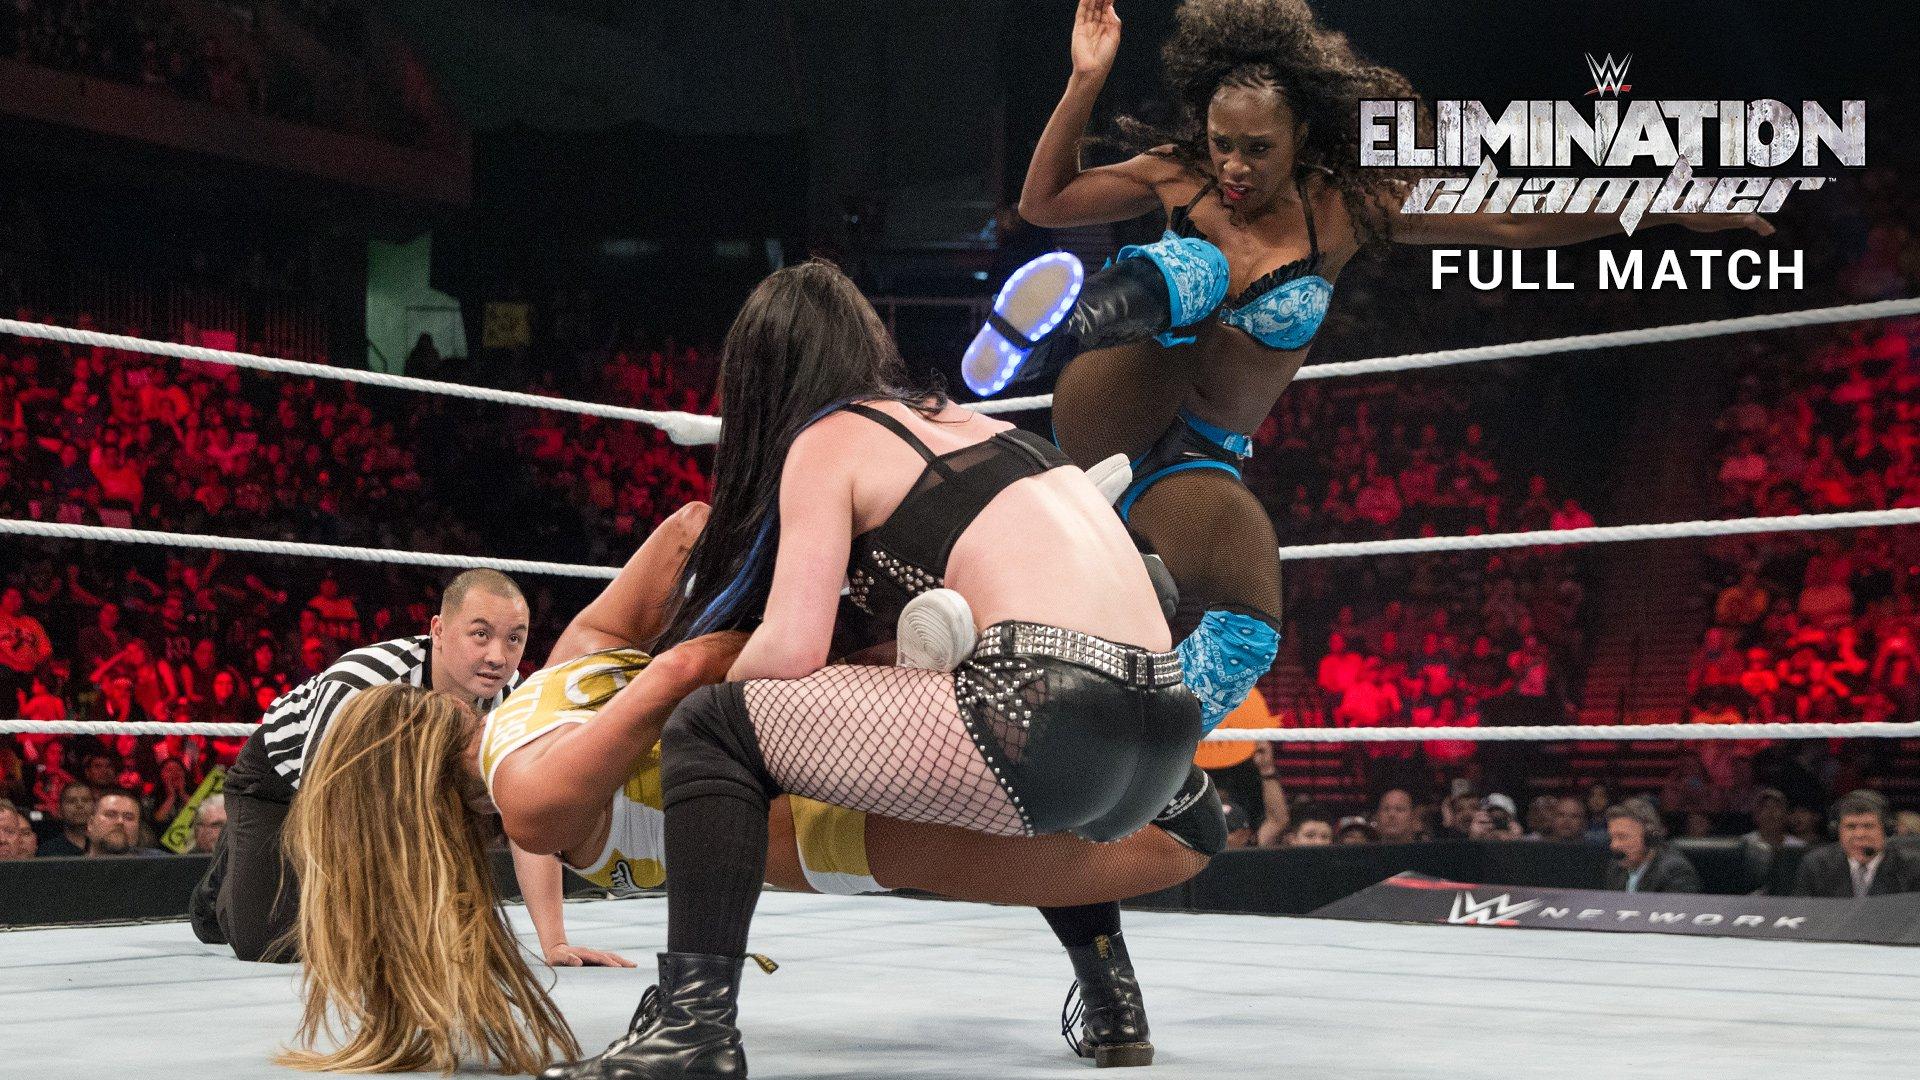 Nikki Bella vs. Paige vs. Naomi - Match Triple Menace Titre des Divas : Elimination Chamber 2015 (Match Intégral - Exclusivité WWE Network)